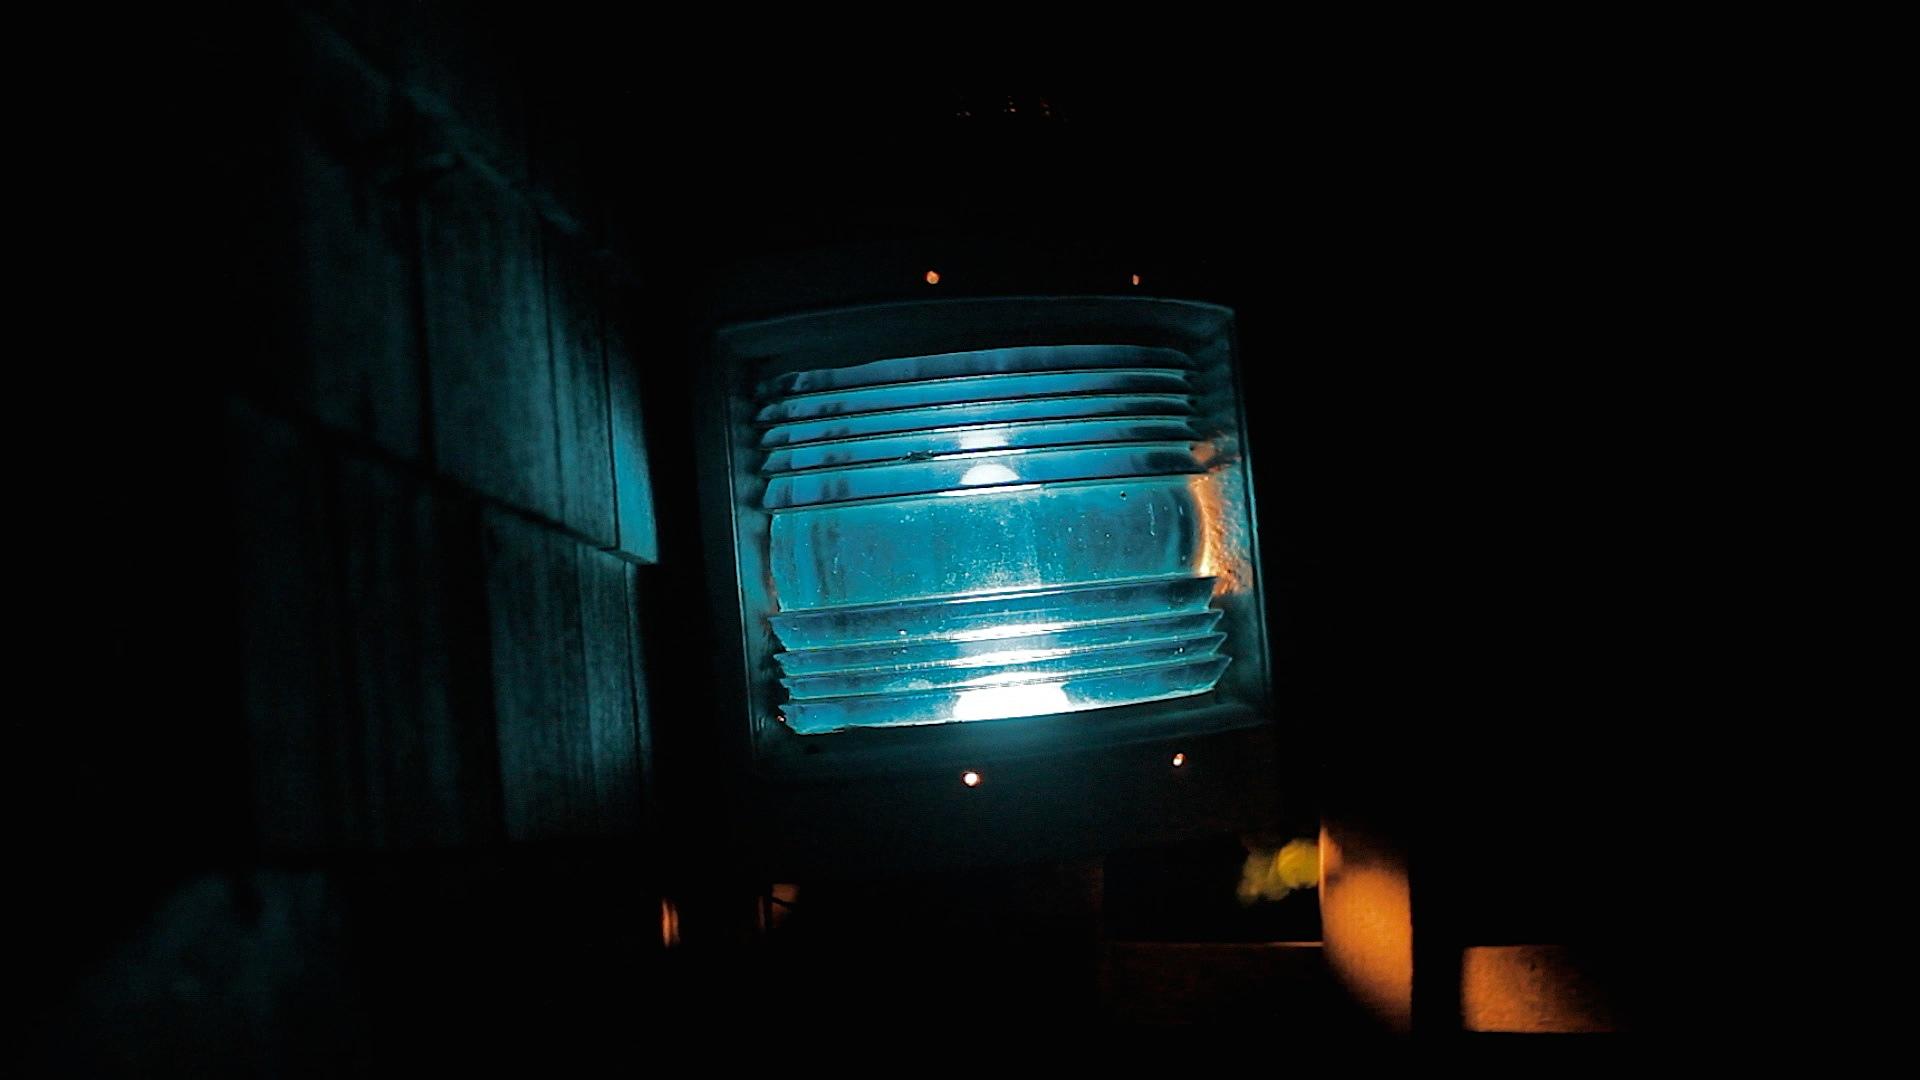 Starboard-Light-in-Stills_79.jpg